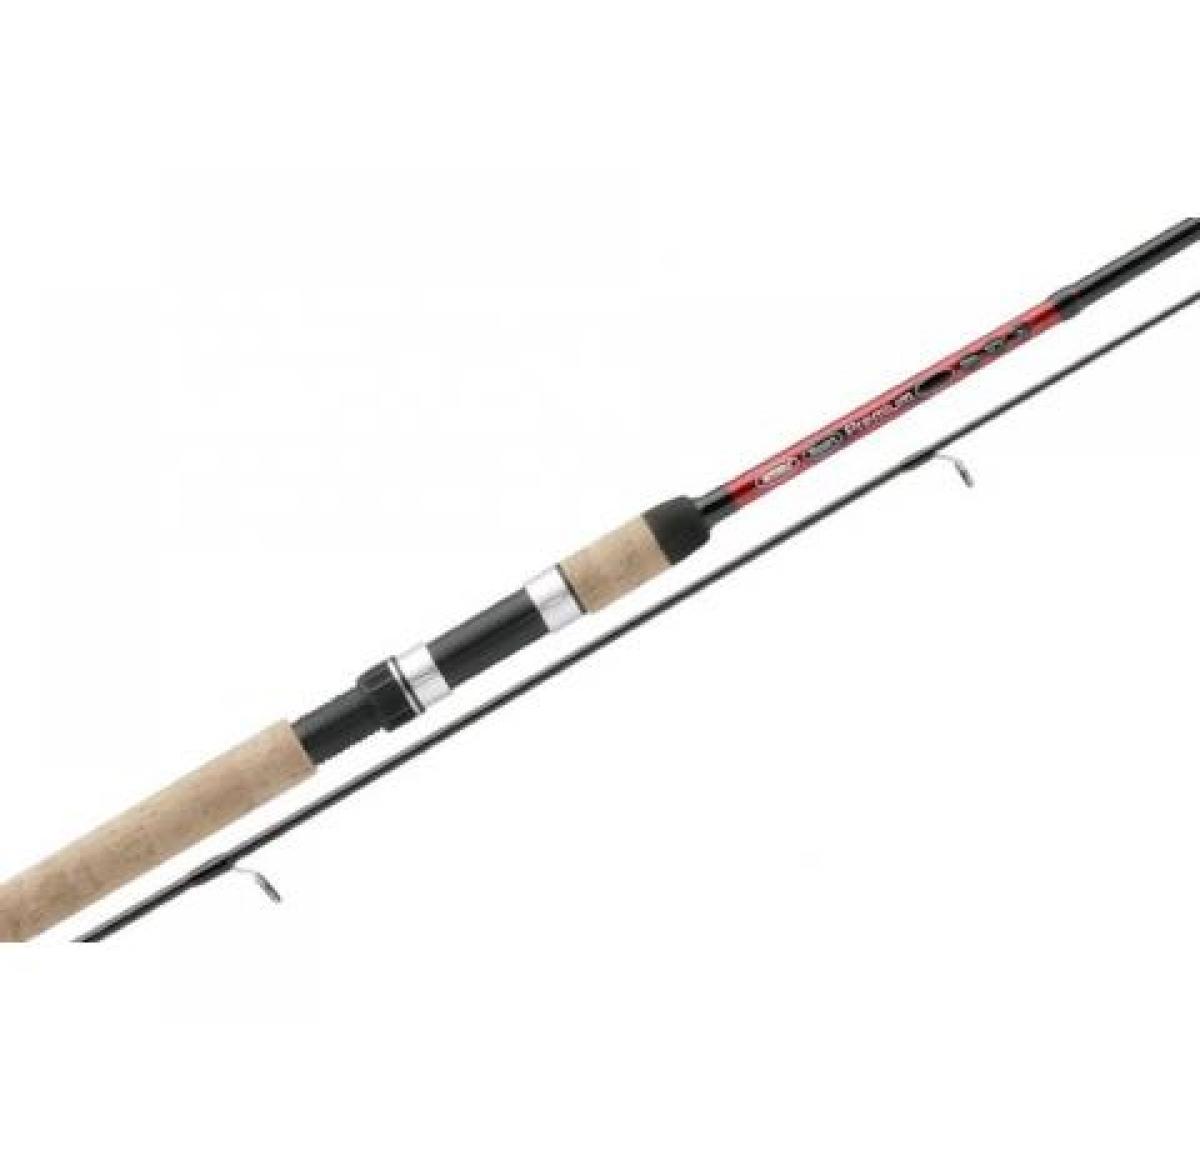 Mitchell Premium 2 Spin 270 cm 5-15 g